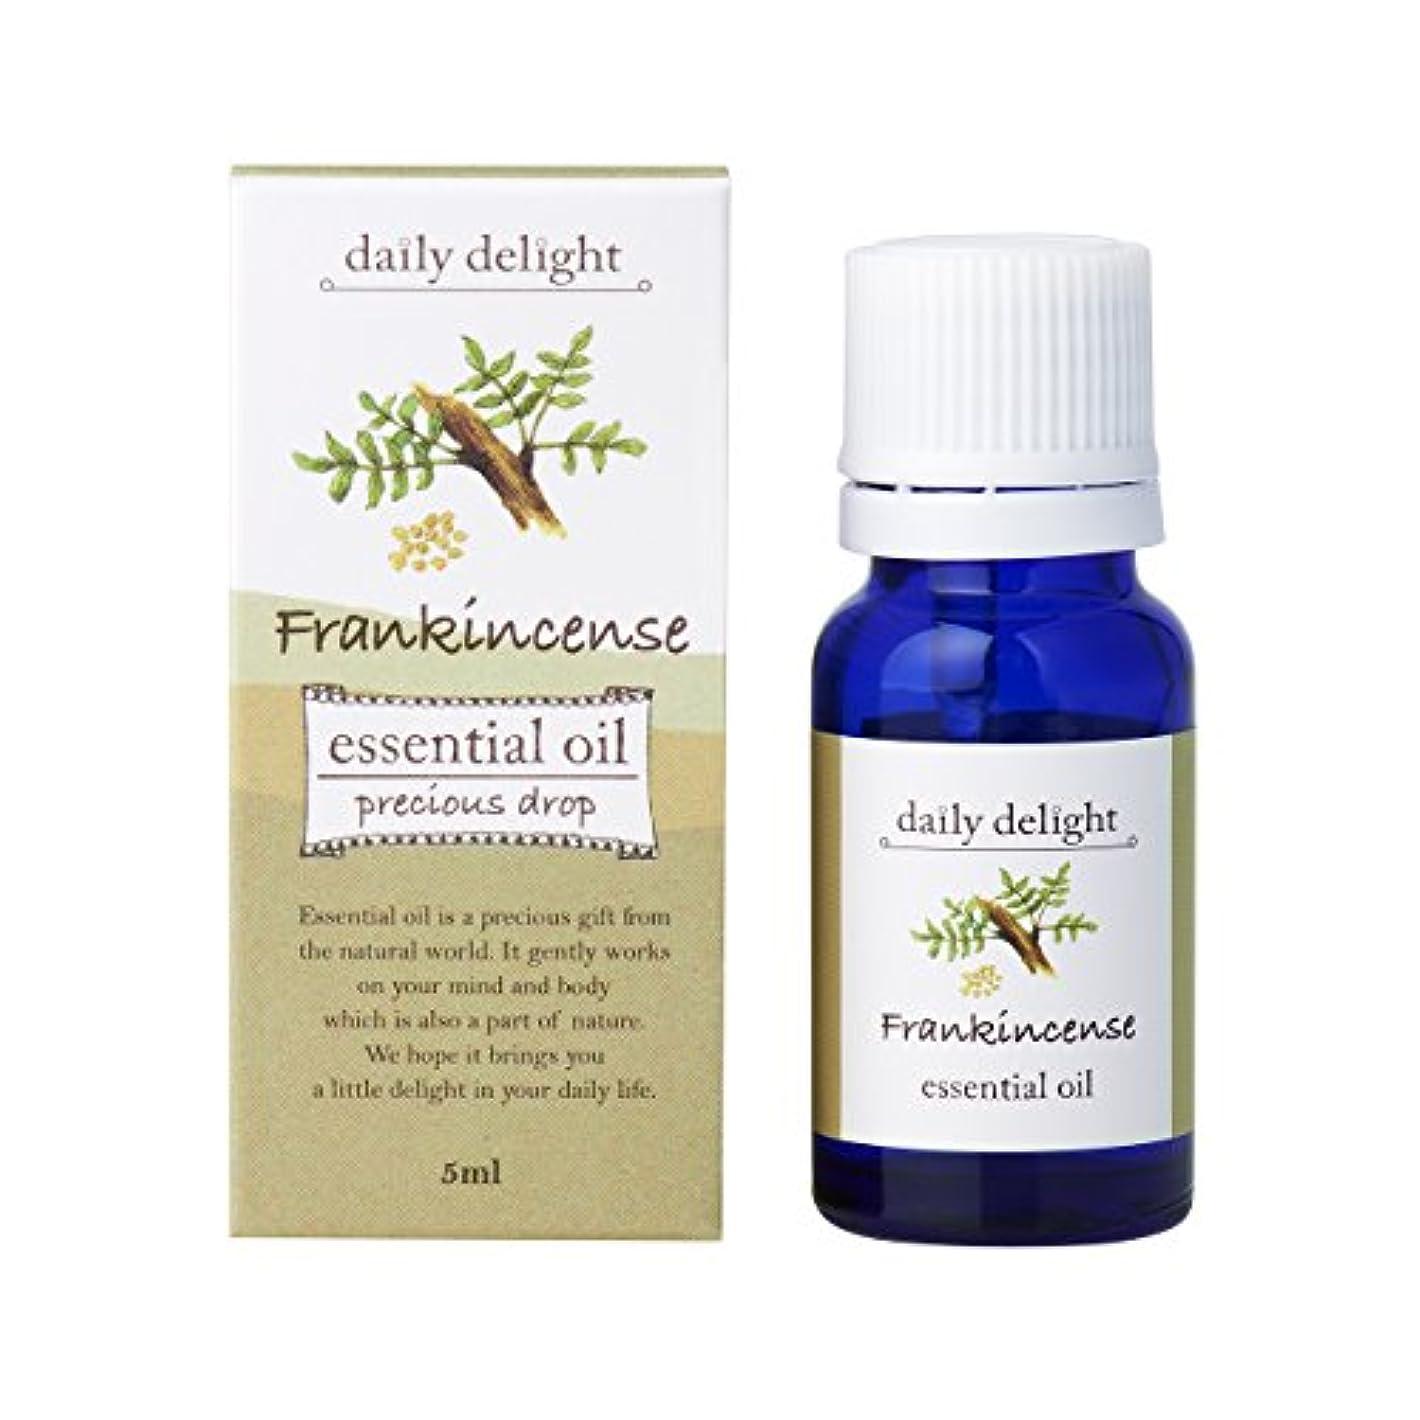 パリティきつく逆説デイリーディライト エッセンシャルオイル フランキンセンス 5ml(天然100% 精油 アロマ 樹脂系 樹脂から採れるさわやかな木の香り)